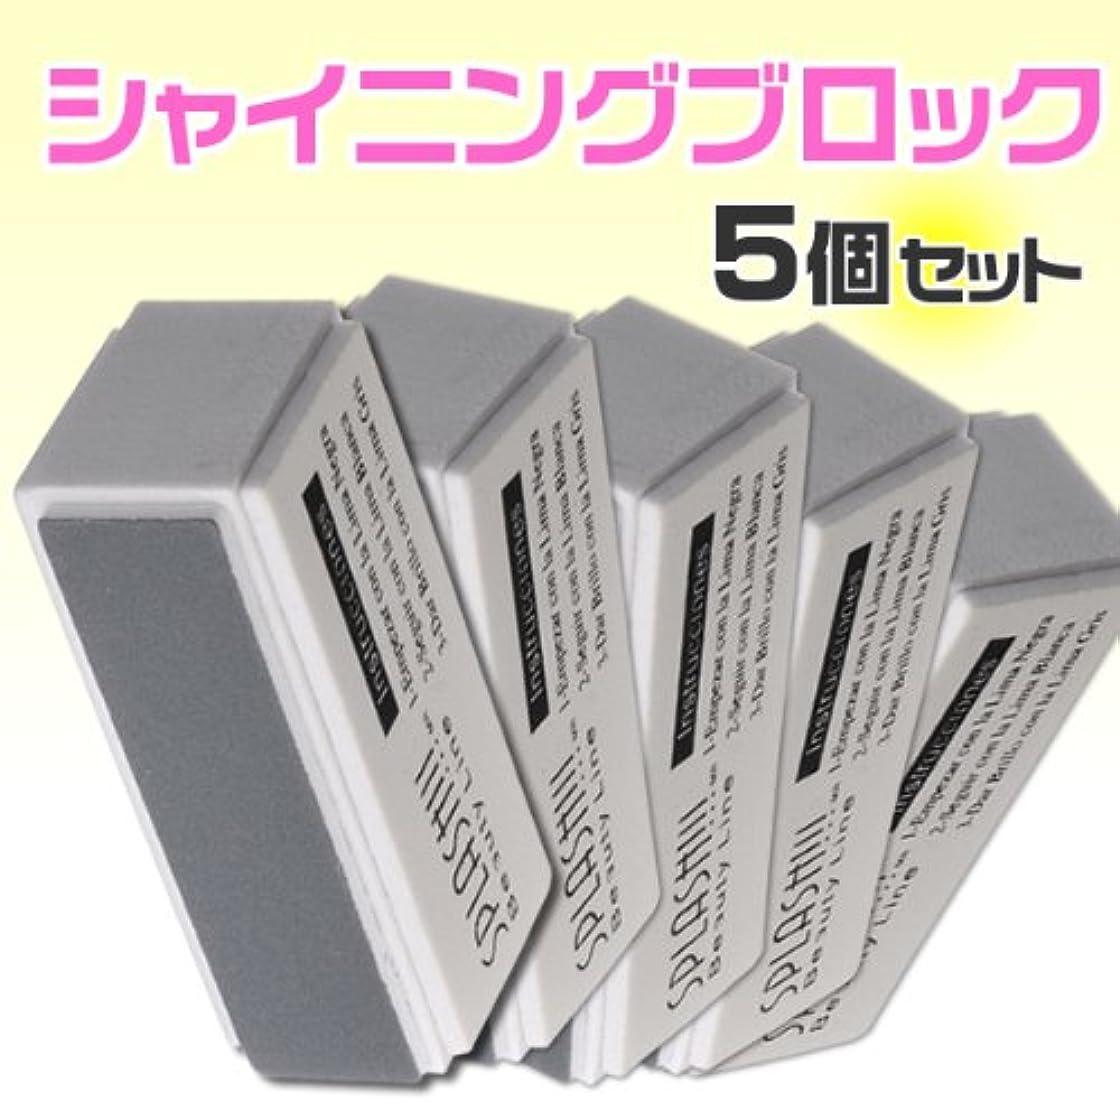 温度計仕方それらクリスタルネイル同等 ネイルバッファーブロックファイルネイルファイル5個セット 爪磨き爪やすり